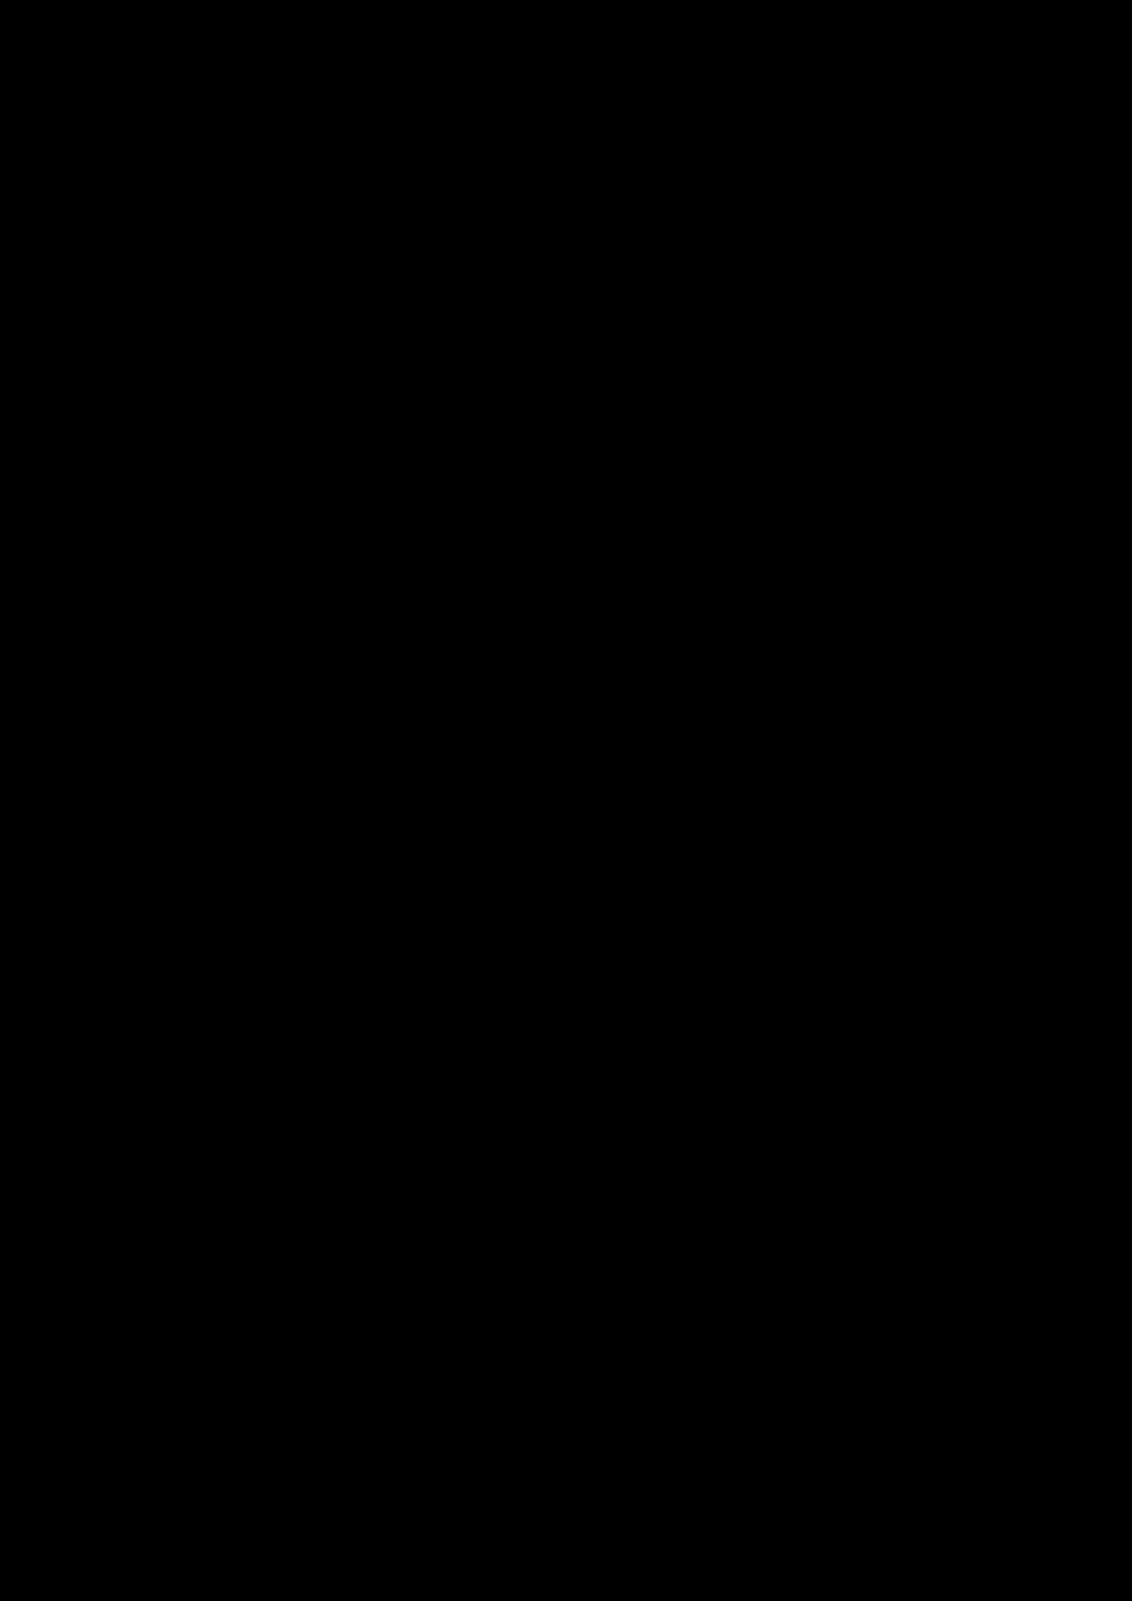 Zagadka volshebnoy stranyi slide, Image 14